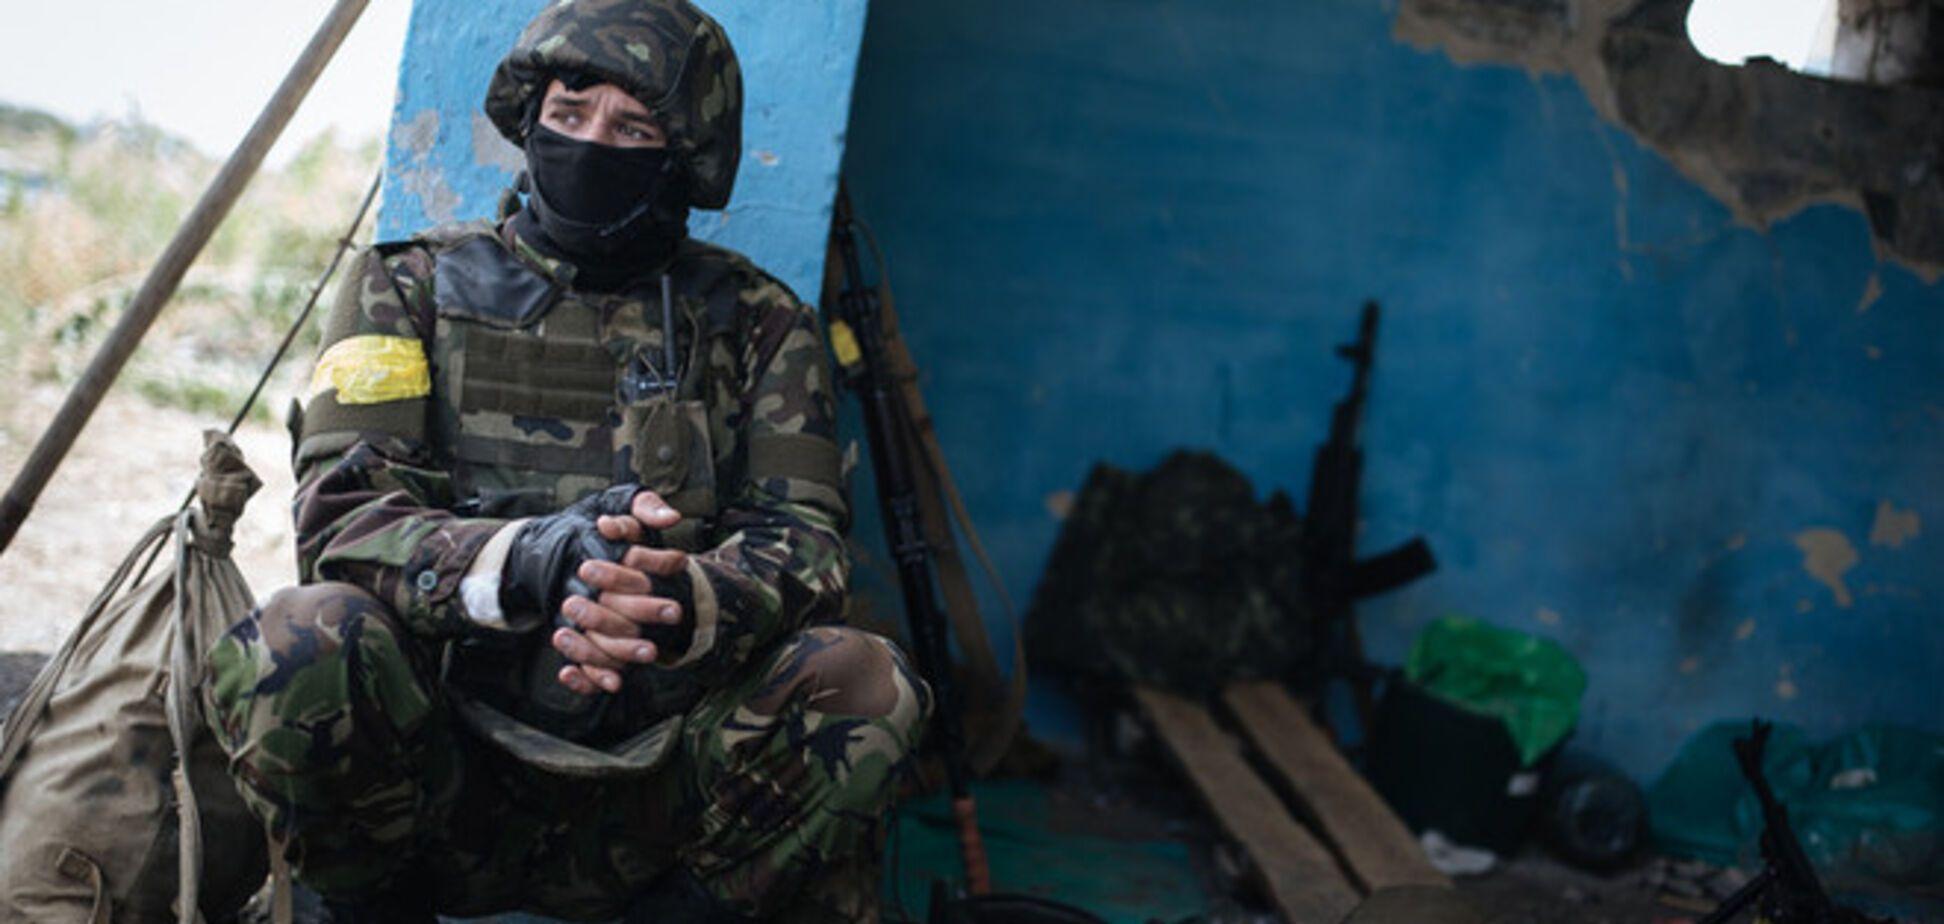 Раненого бойца АТО зарегистрировали кандидатом в нардепы прямо в больнице